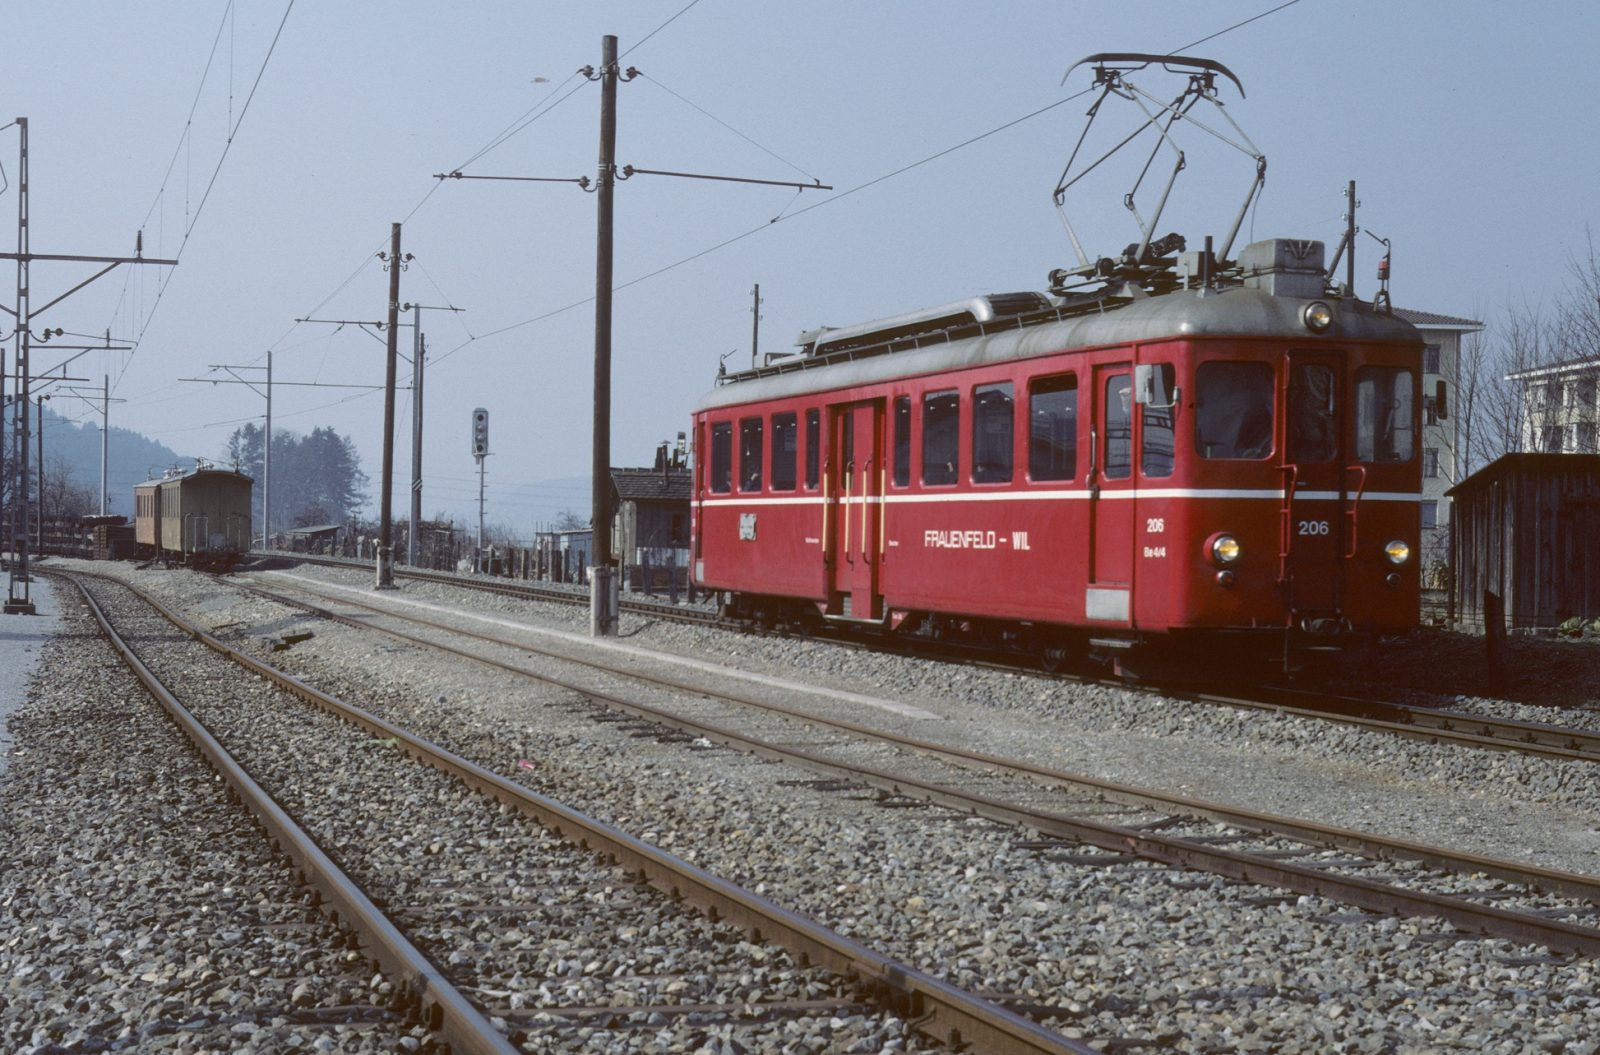 ex BD Triebwagen bei der Frauenfeld Wil Bahn